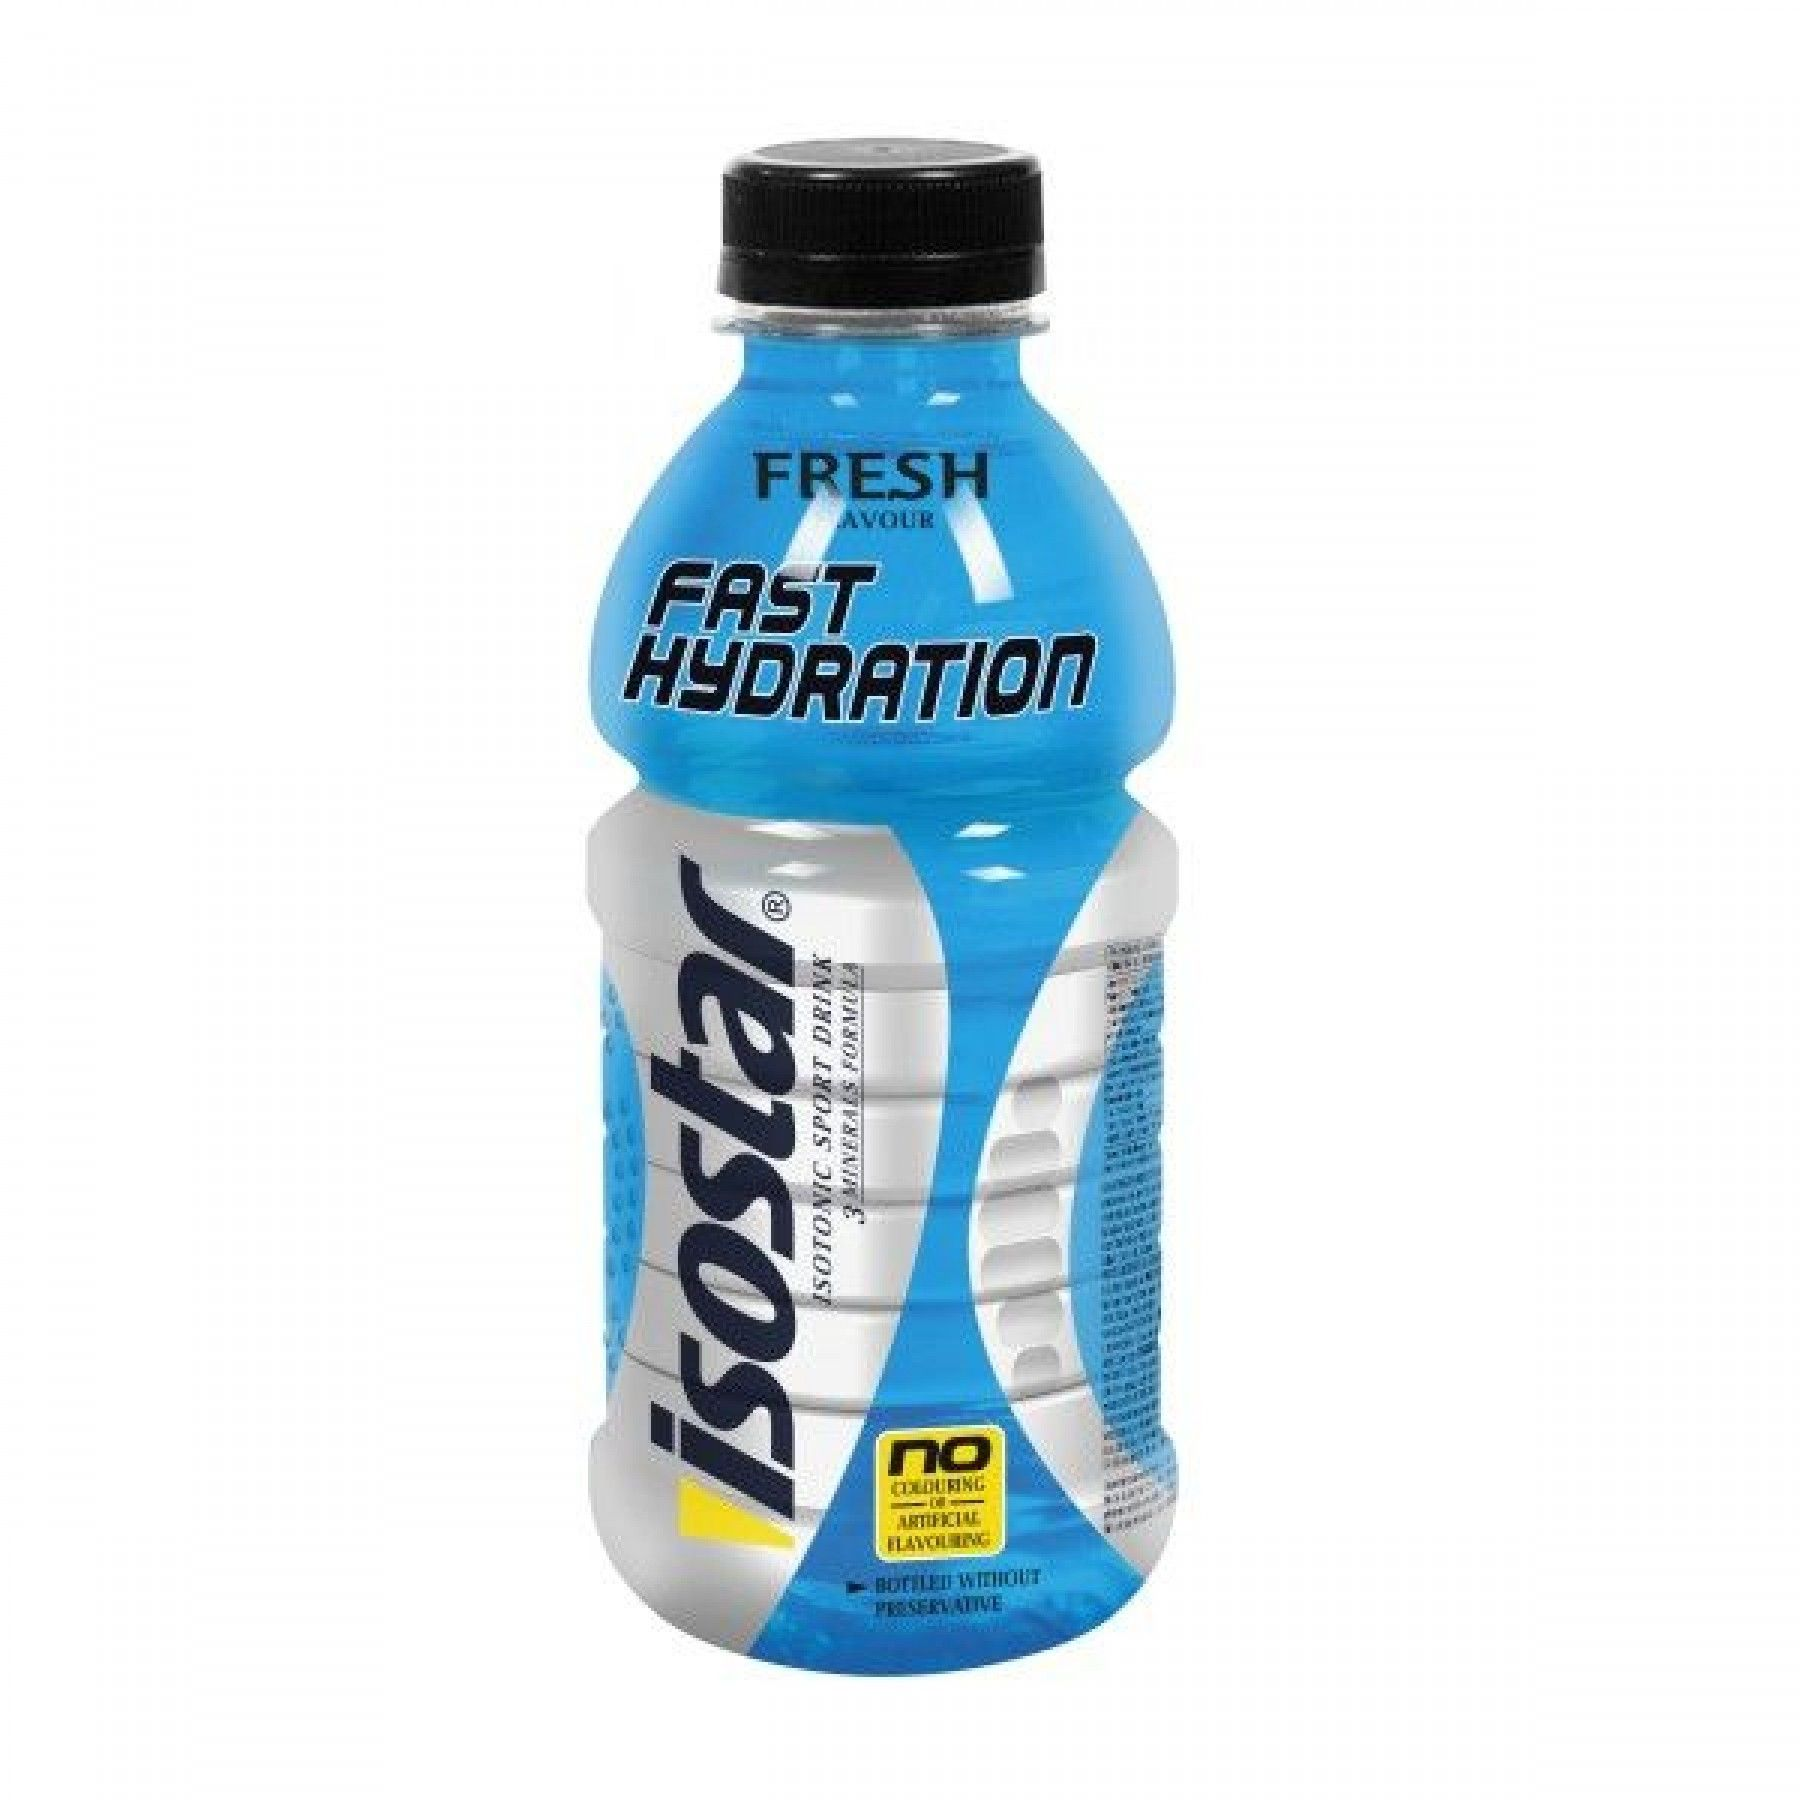 Isostar FAST HYDRATION FRESH 0,5L, sportska prehrana, multikolor